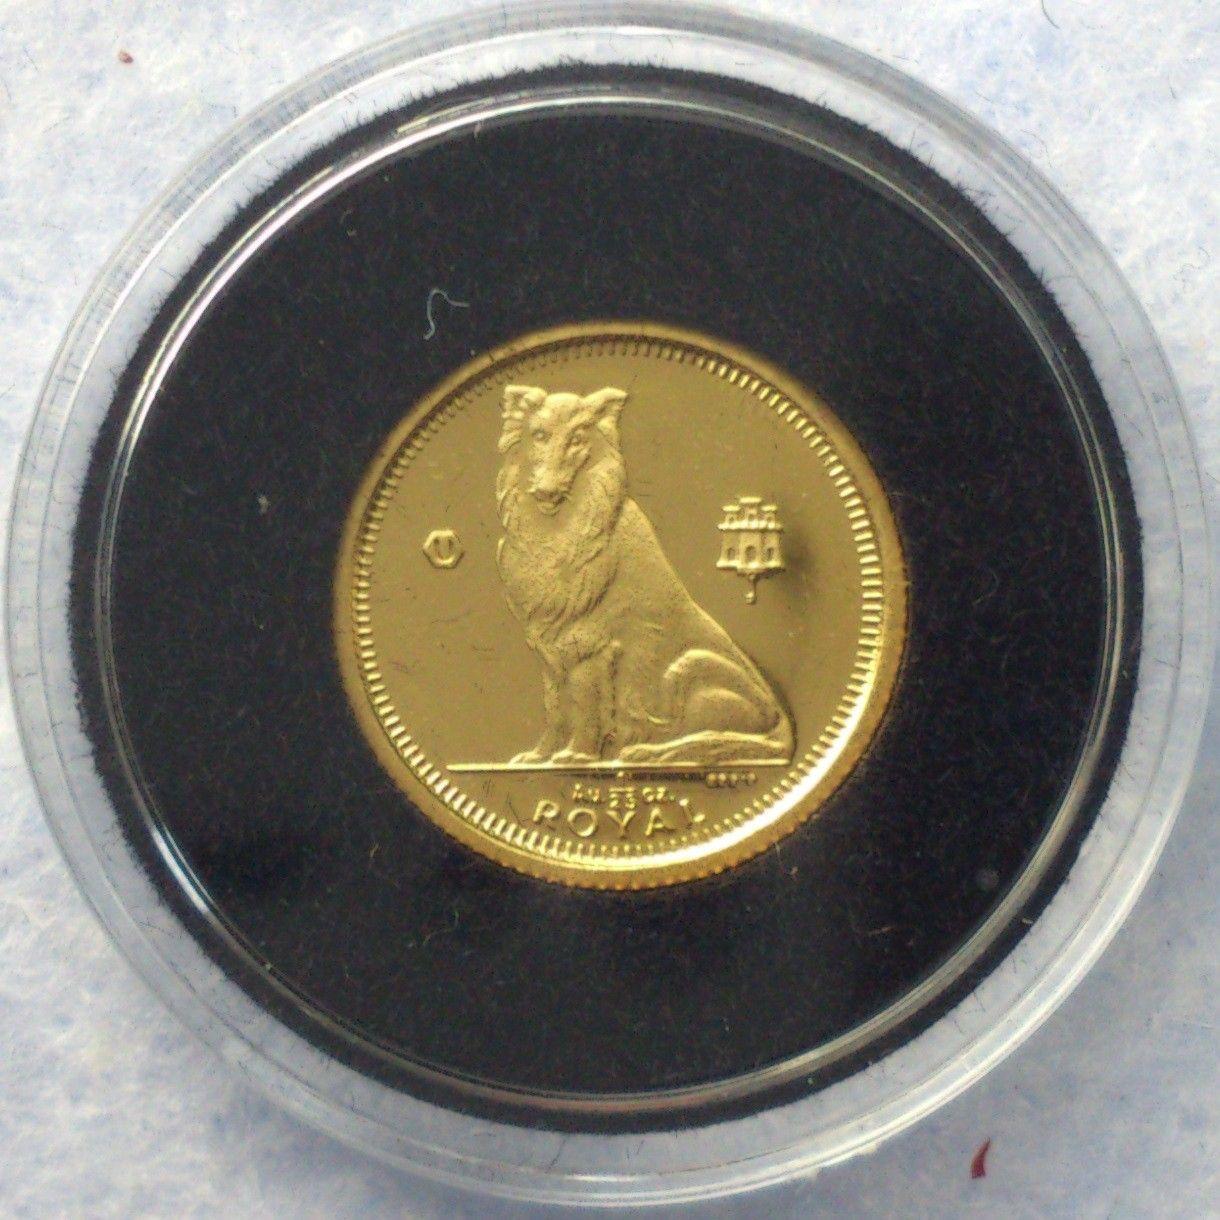 1995, Collie, gull - Krokkleiva  - 1995, Gibraltar, 1/25 oz, 999 gull. Proof mynt i kapsel. Selges kr 565,- + porto, (skam-bud er unødvendig).  Vennligst ikke ring, send sms, pga sykdom. - Krokkleiva